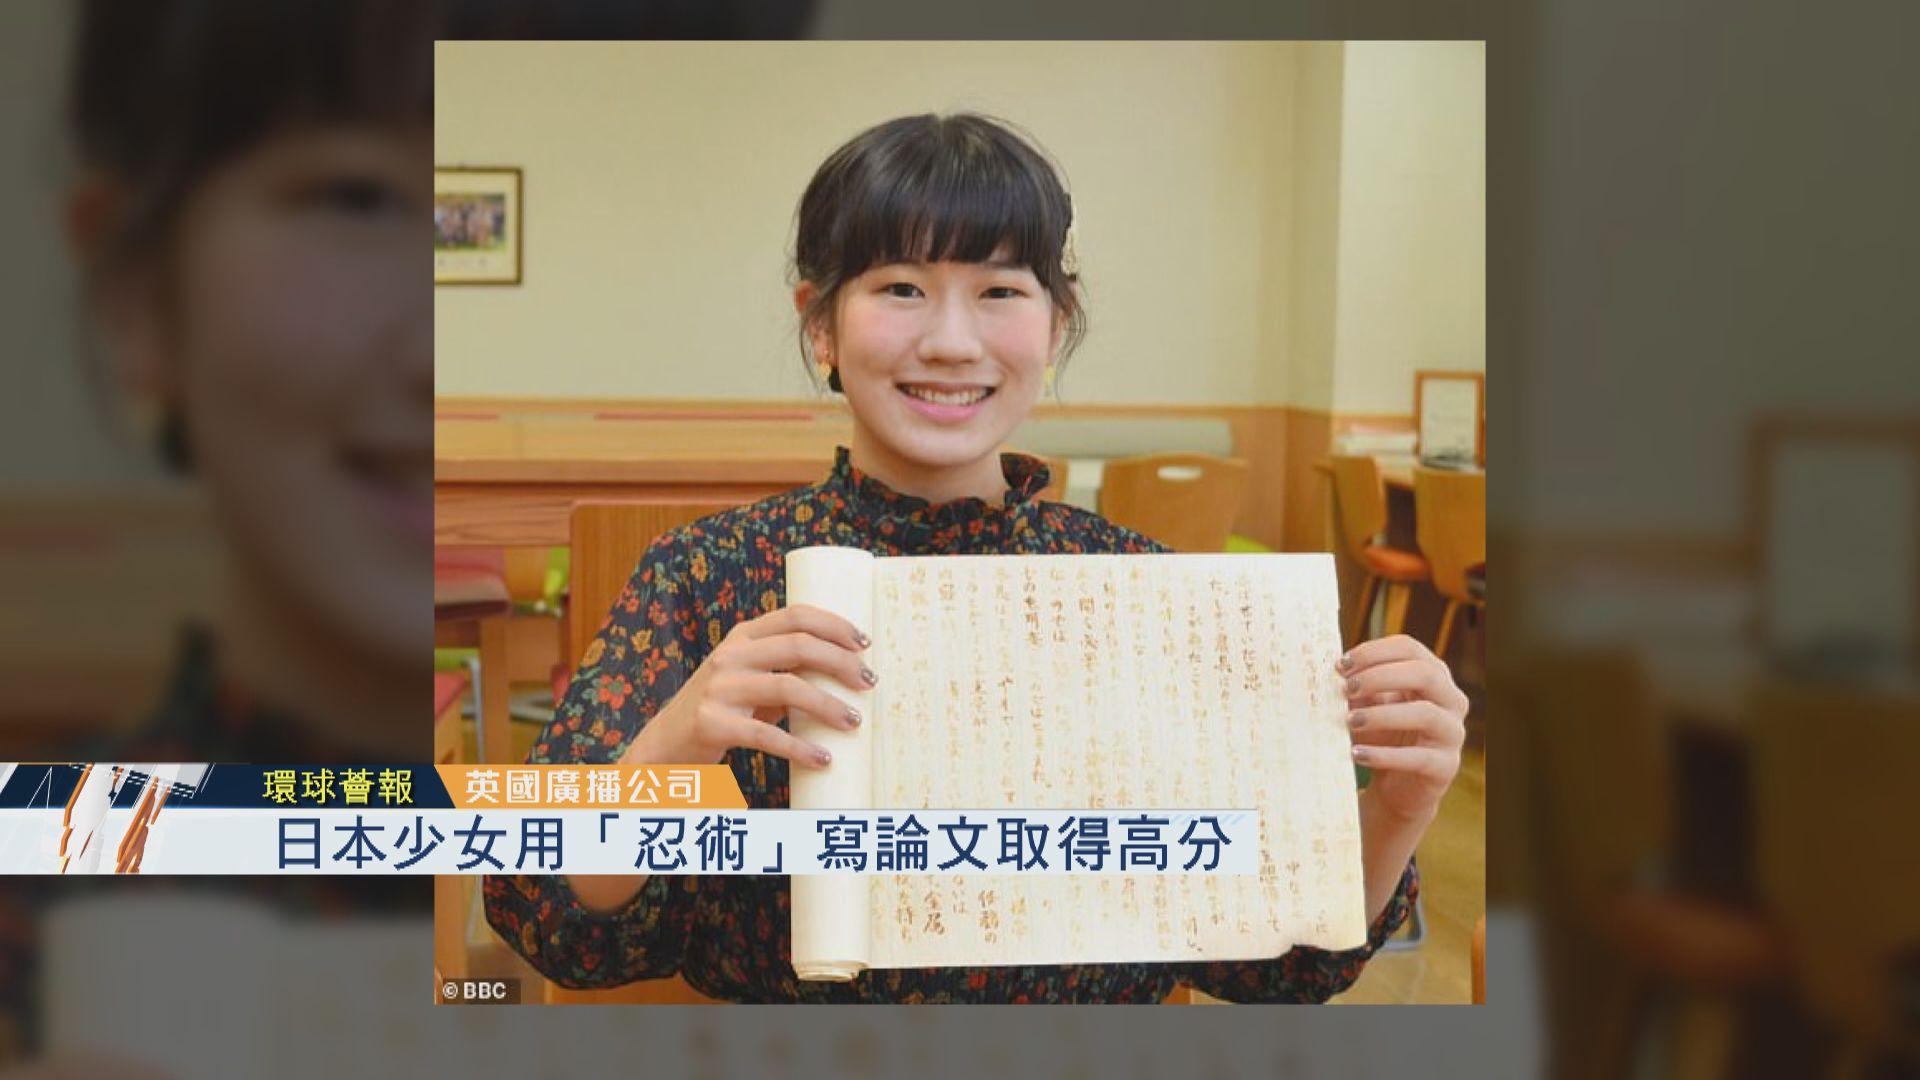 【環球薈報】日本少女用「忍術」寫論文取得高分